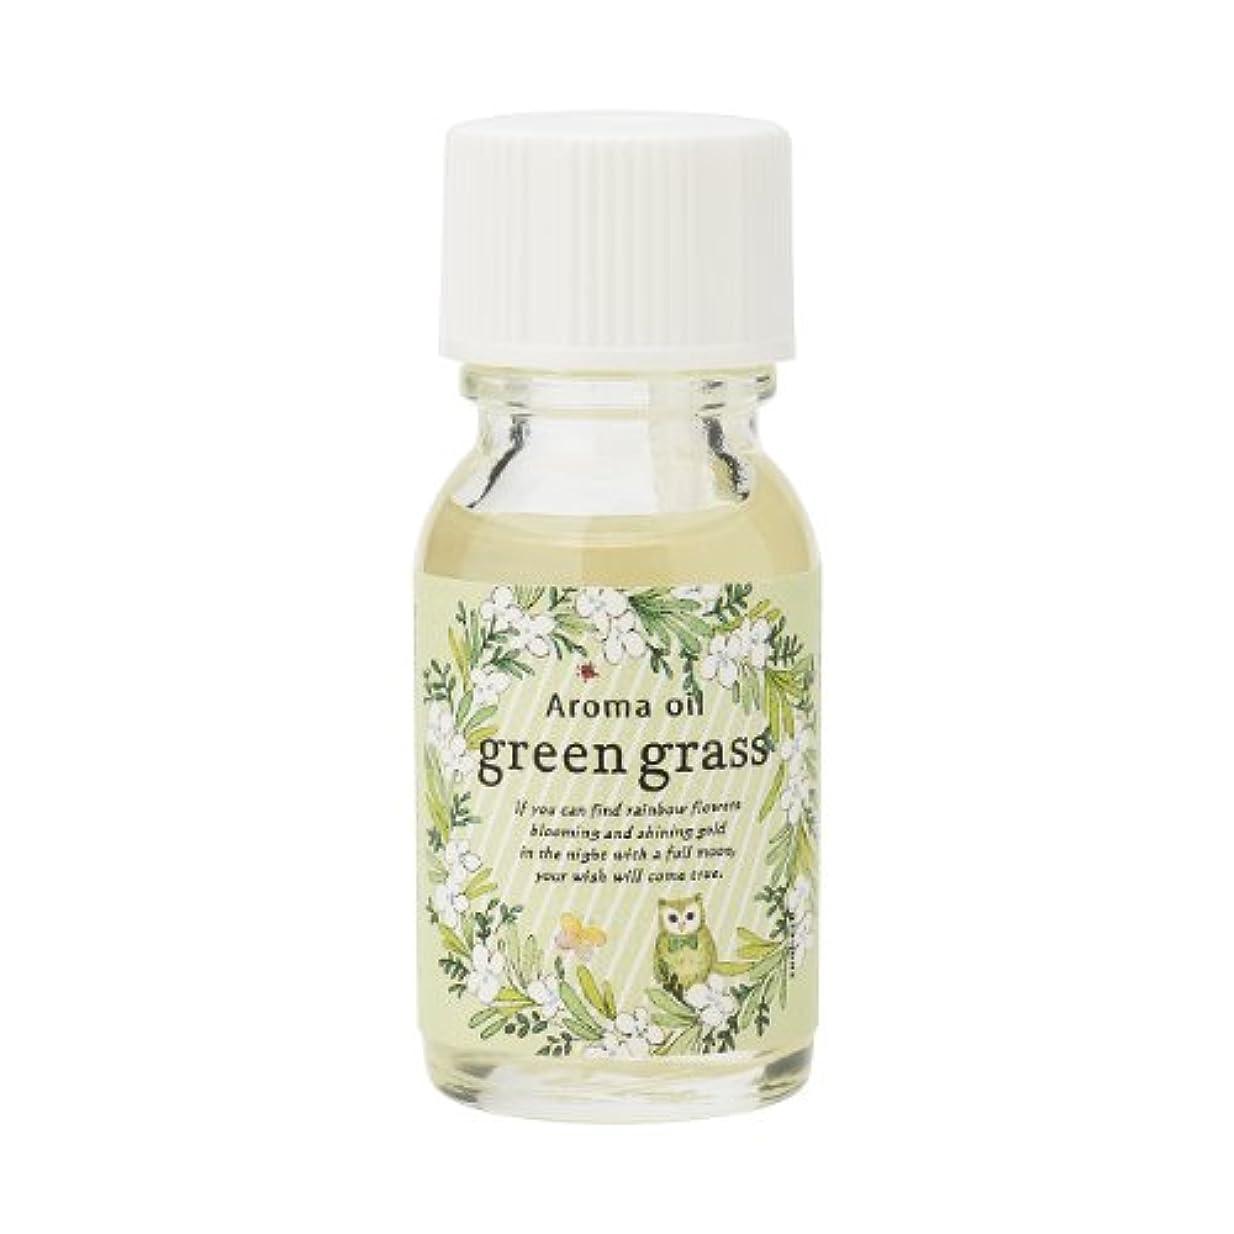 期限おめでとう整理するサンハーブ アロマオイル グリーングラス 13ml(爽やかでちょっと大人の香り)